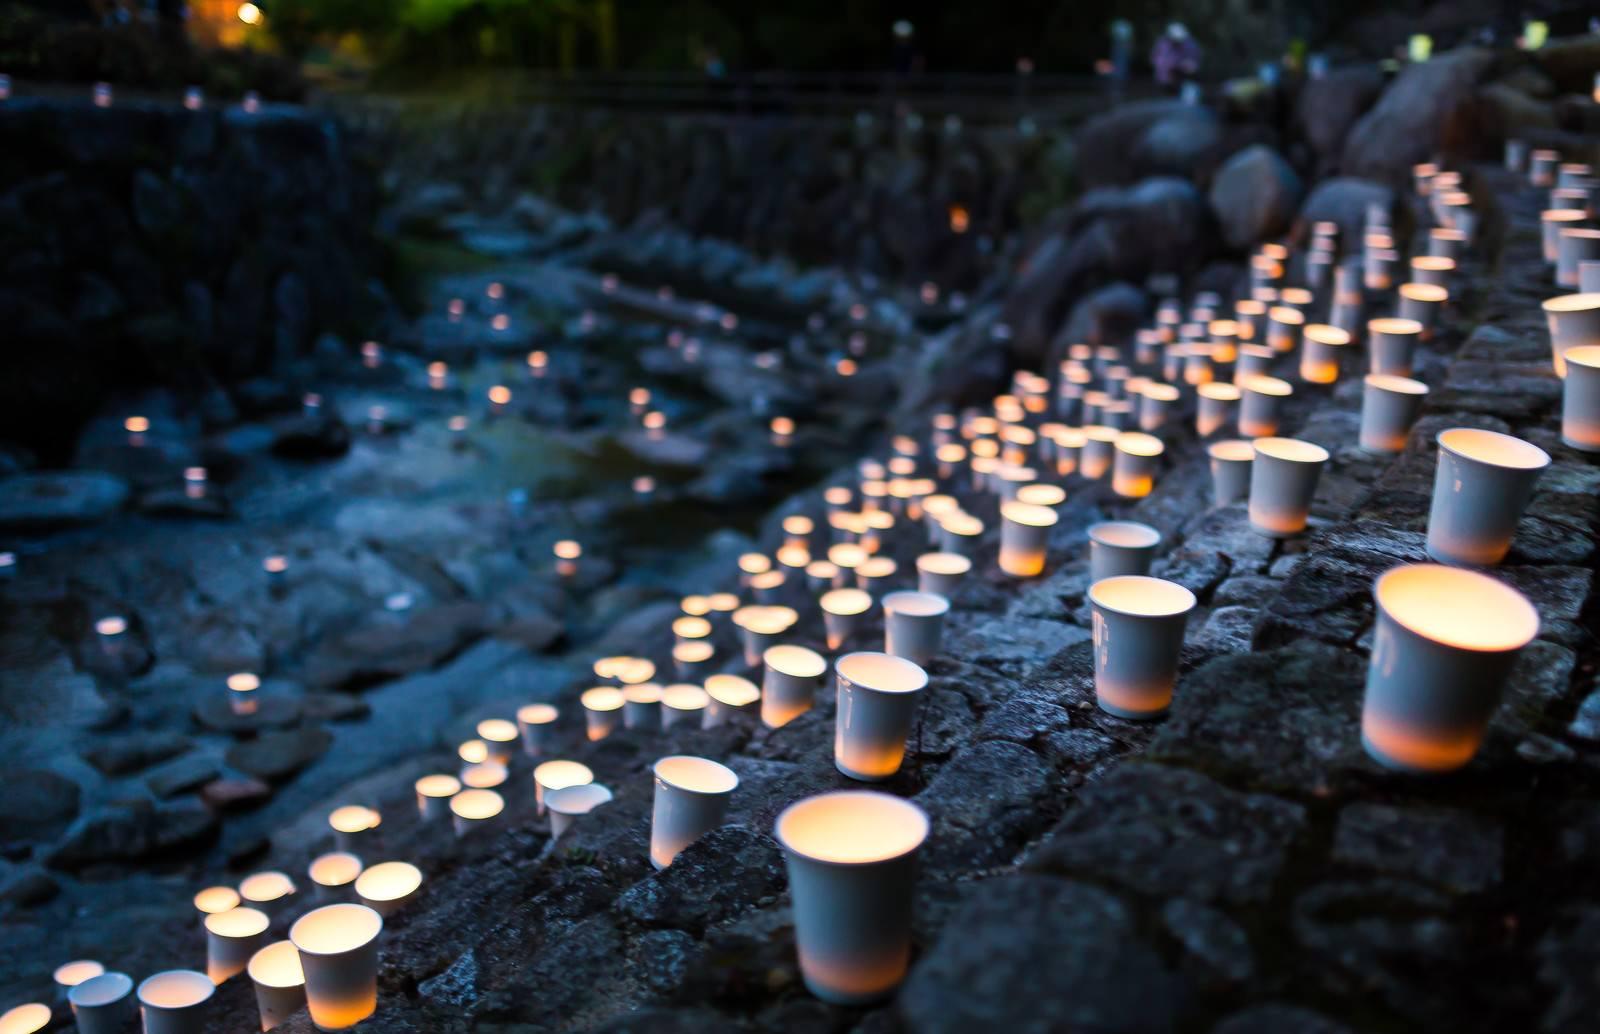 「幻想の炎揺らめくボシ灯ろうまつり幻想の炎揺らめくボシ灯ろうまつり」のフリー写真素材を拡大